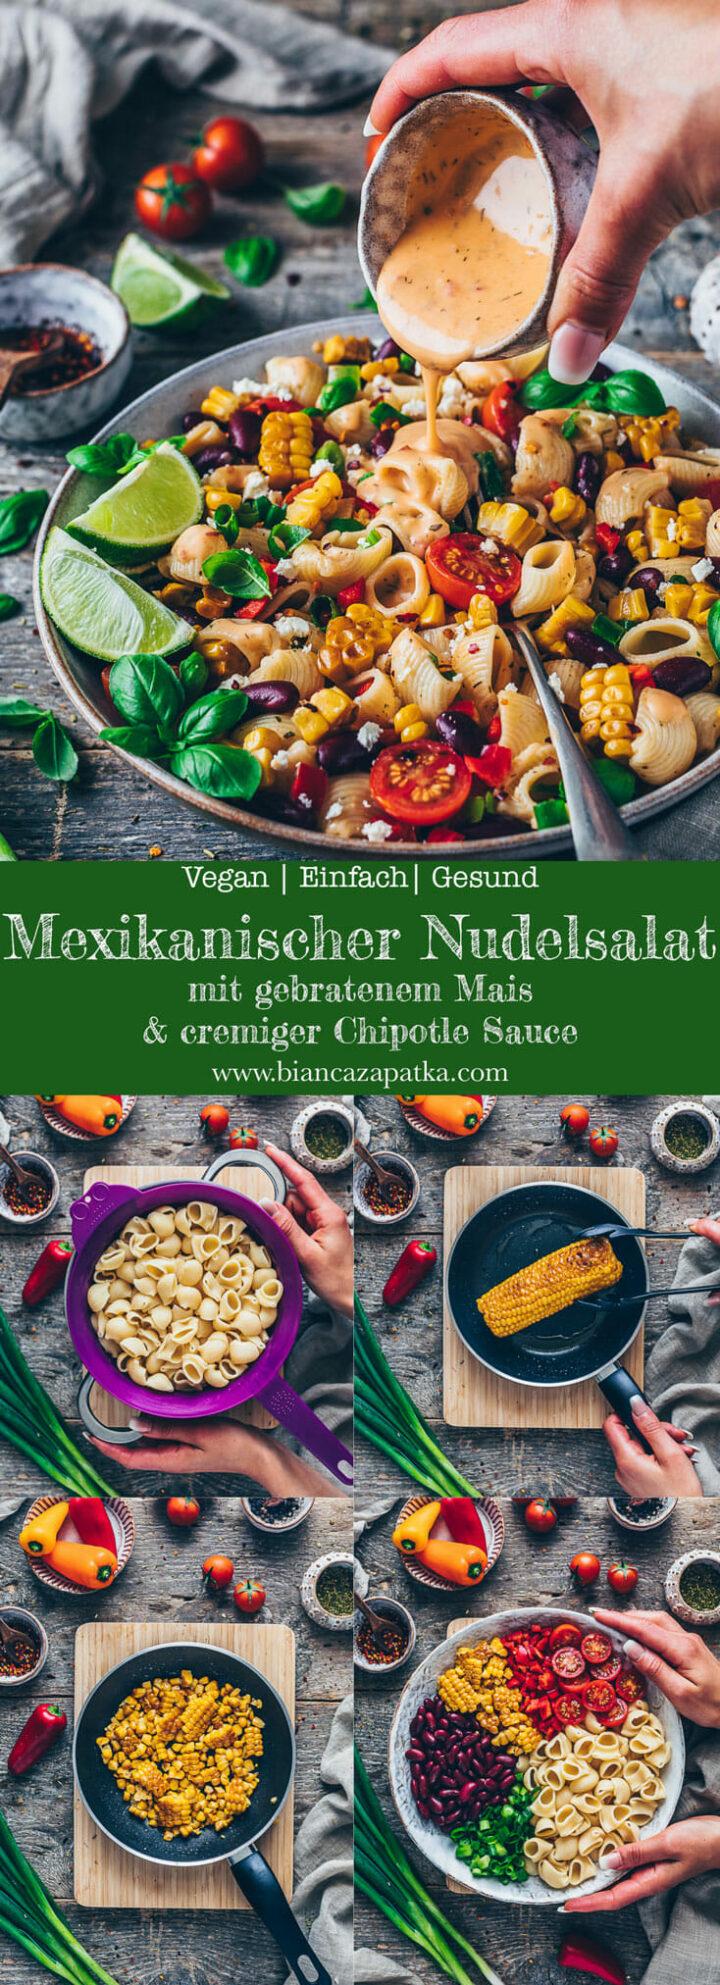 Mexikanischer Nudelsalat mit gebratenem Mais, Kidney-Bohnen, Paprika, Tomaten, Frühlingszwiebeln, Chipotle Sauce, Pasta